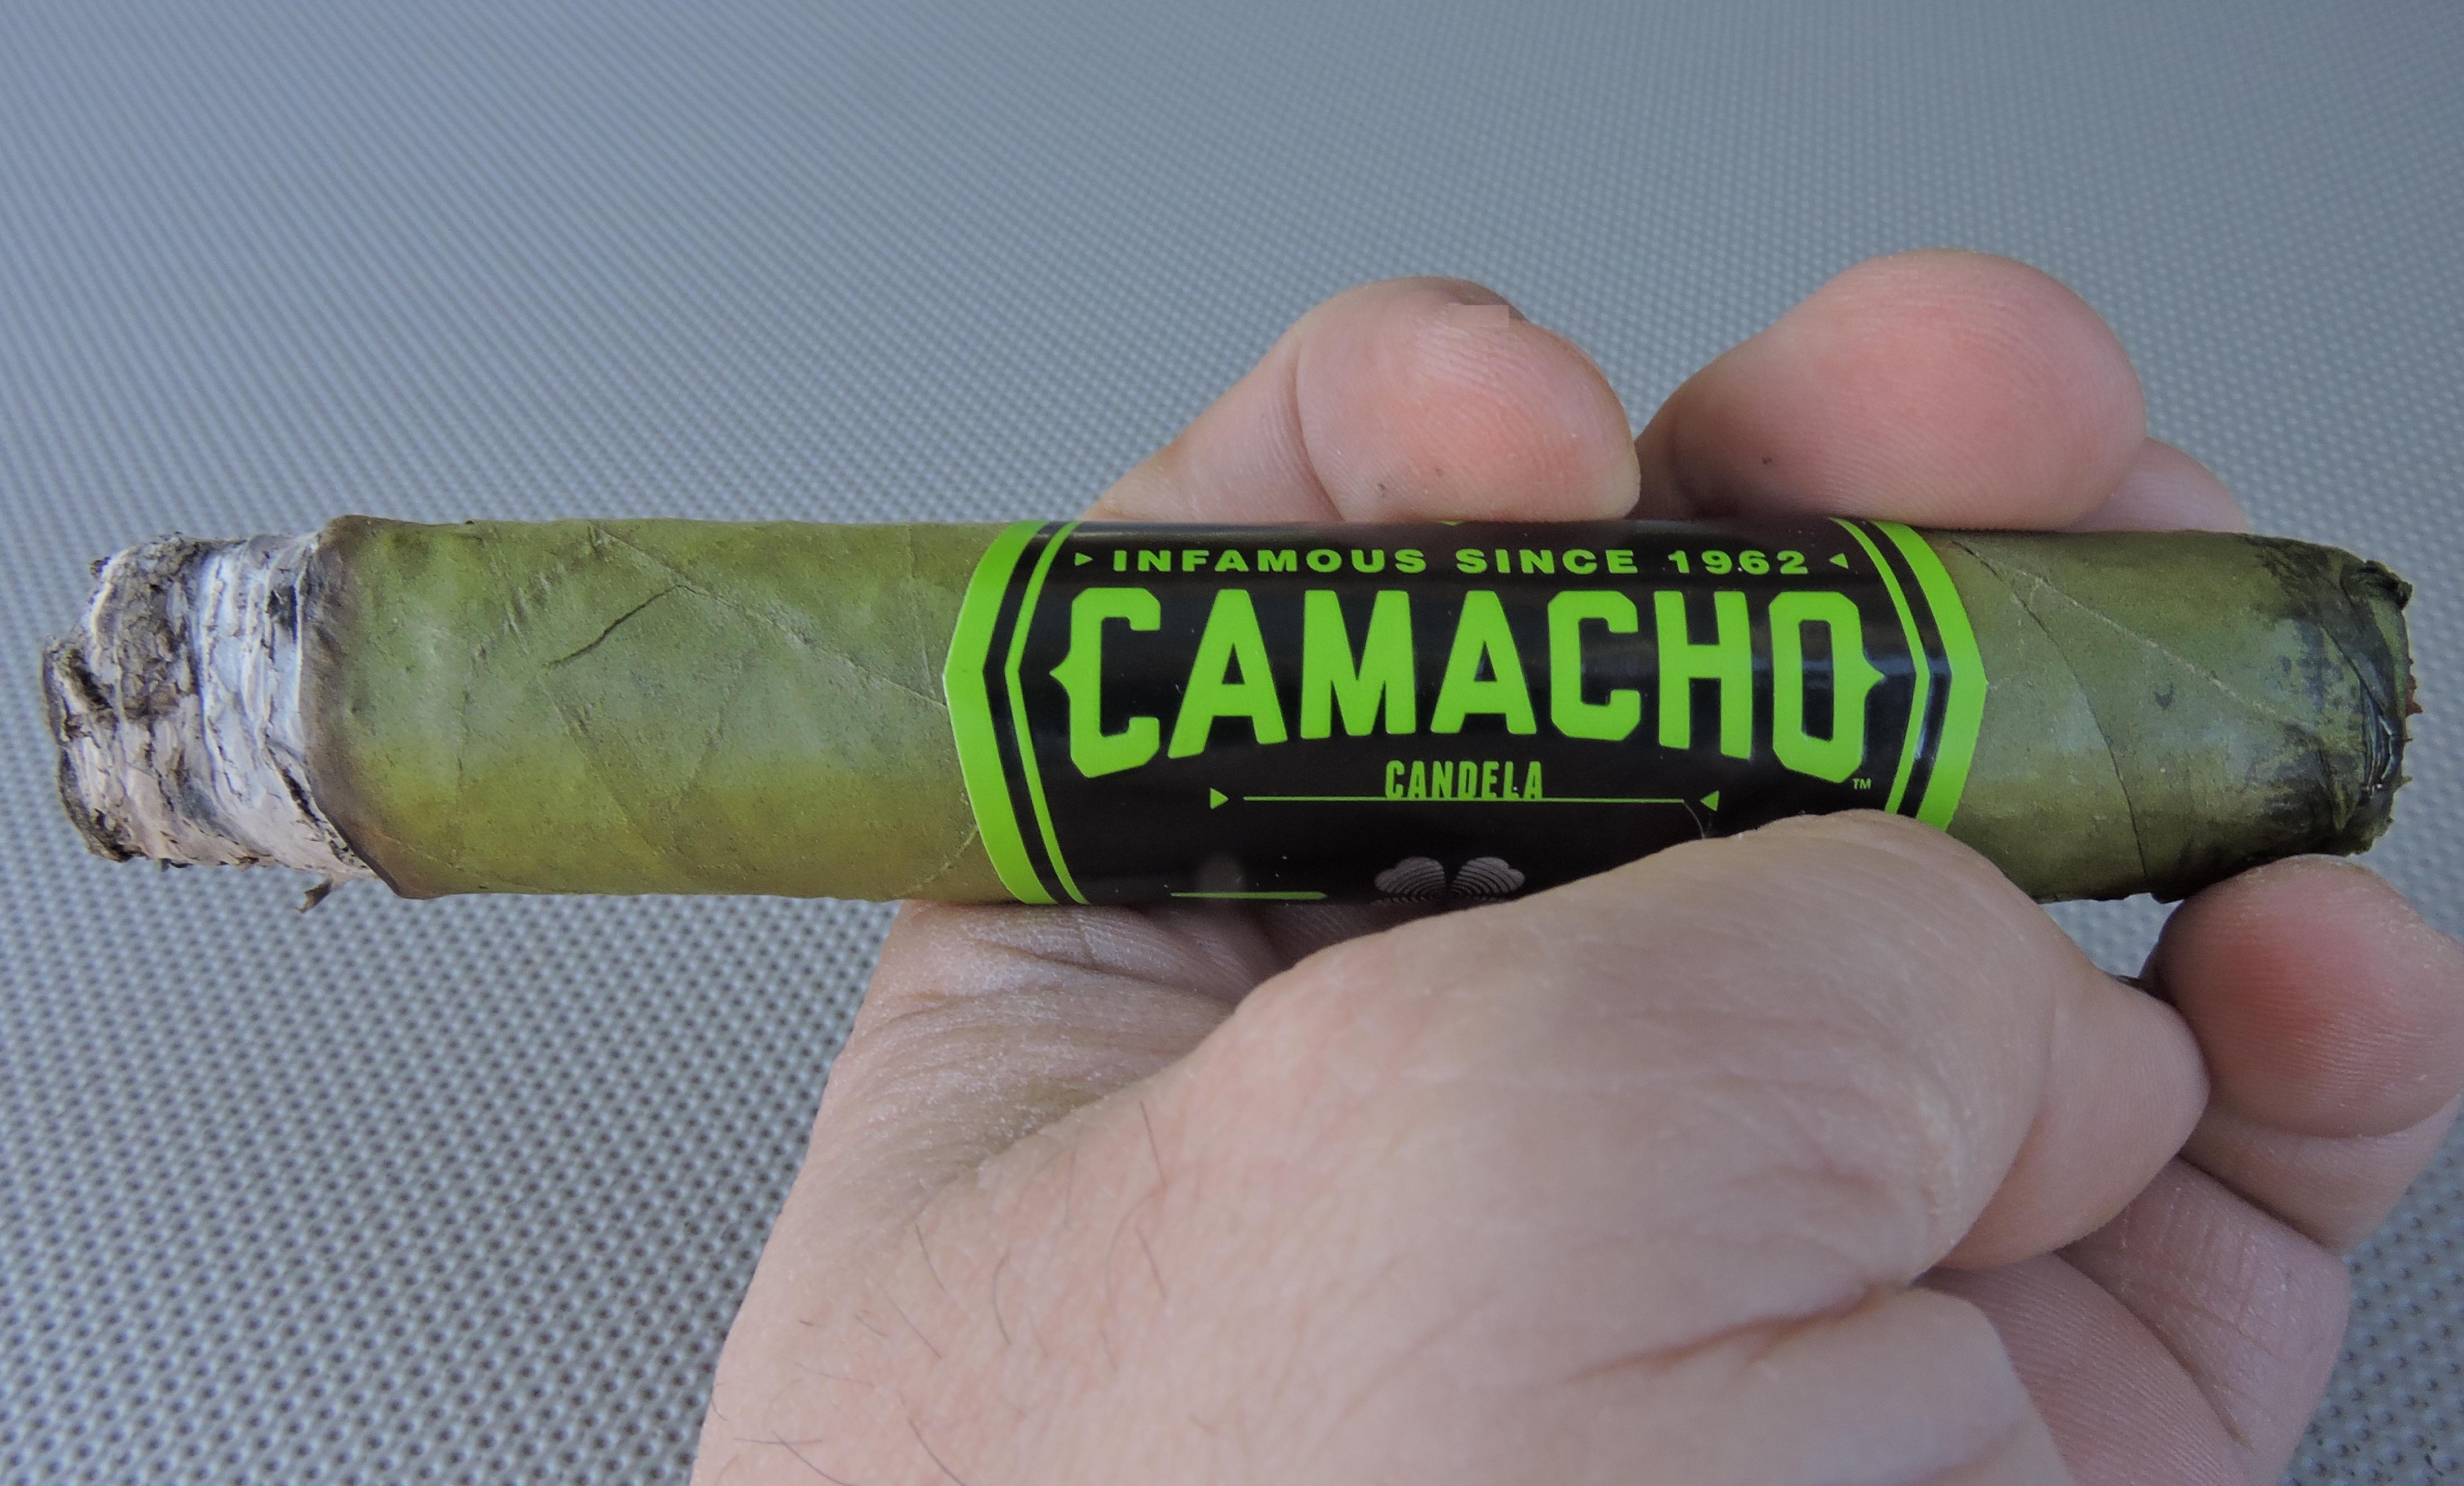 Camacho Candela Robusto 2018 - Burn